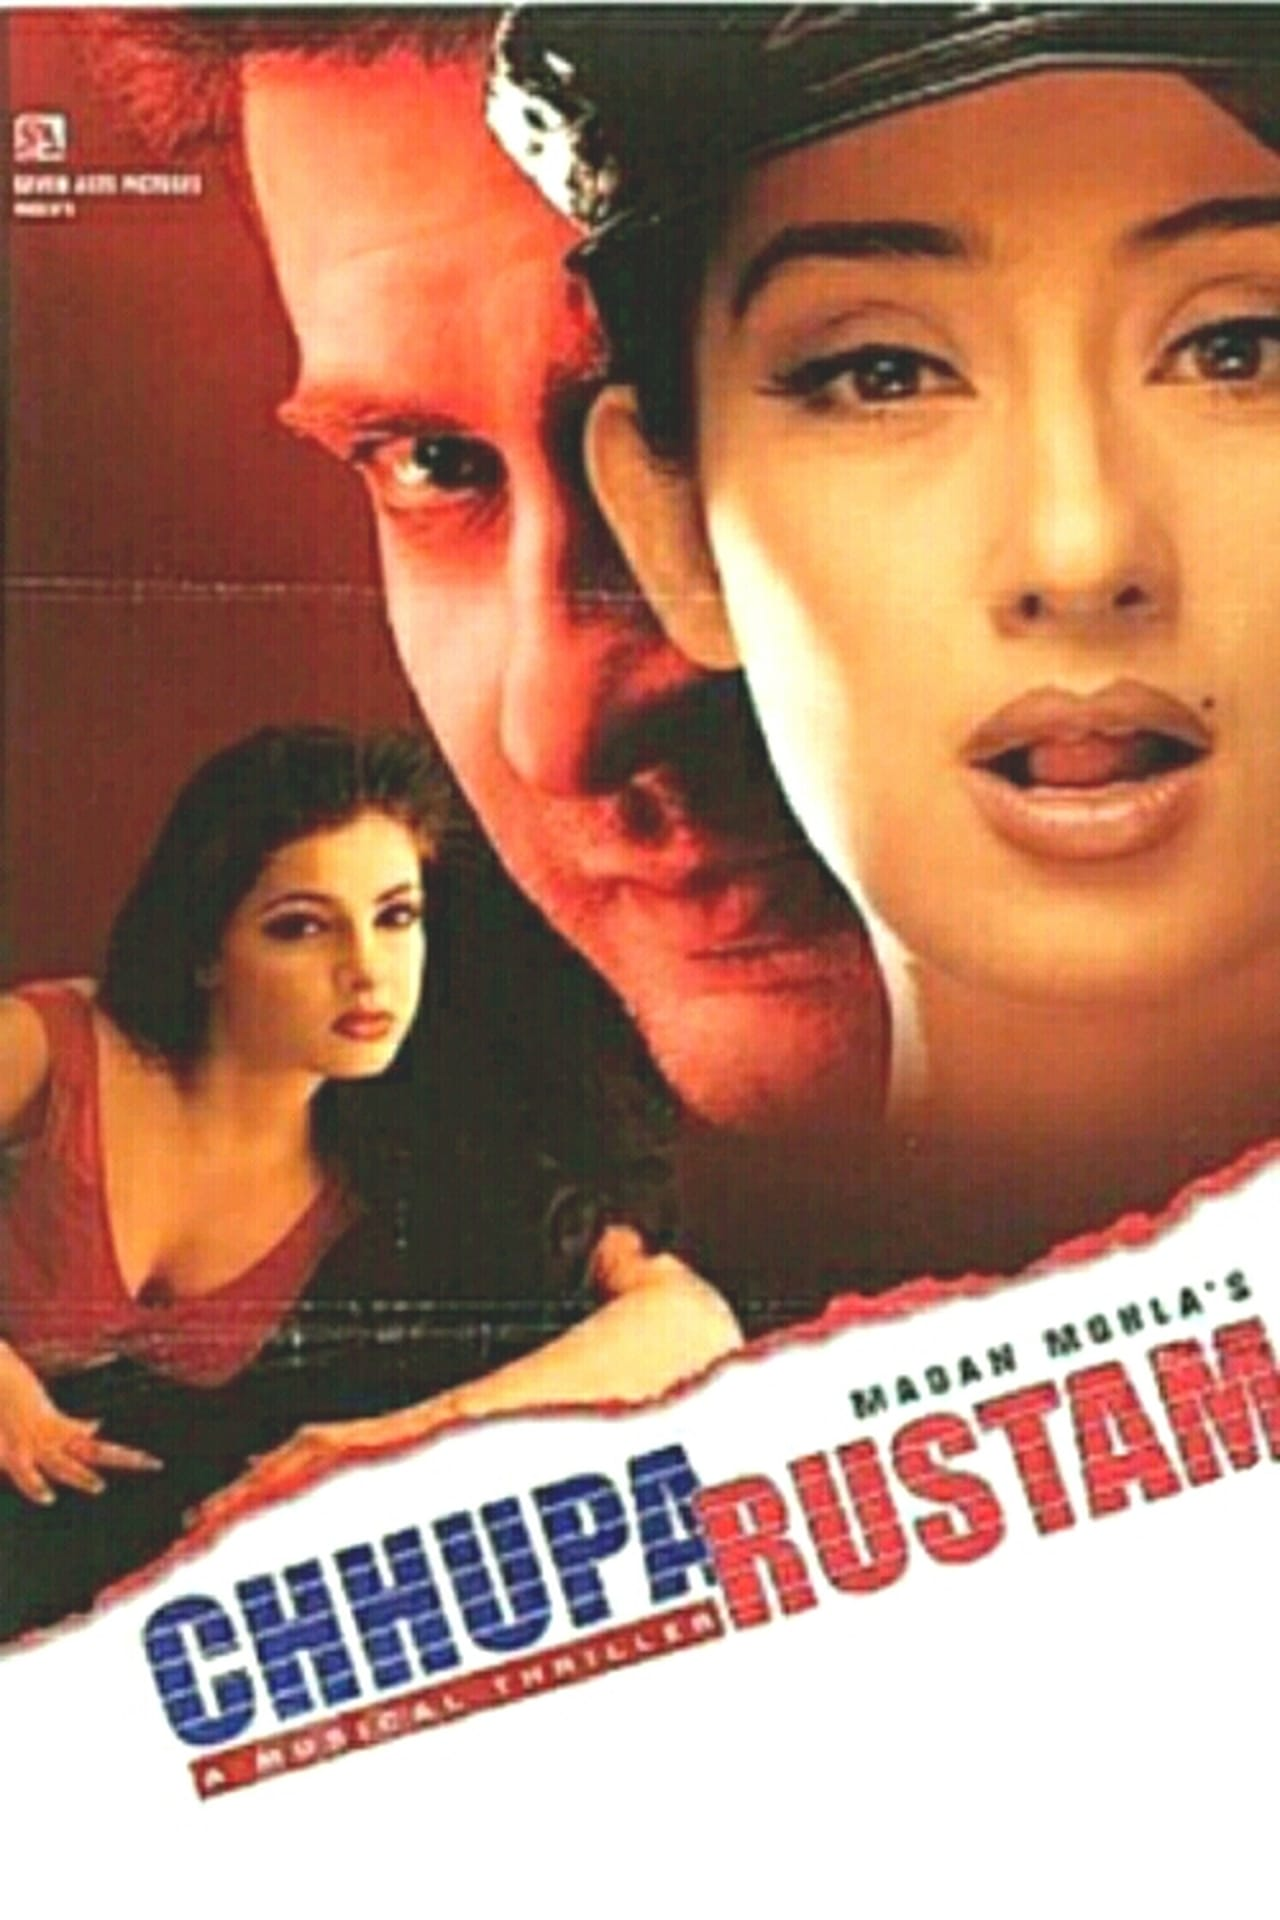 Chhupa Rustam: A Musical Thriller